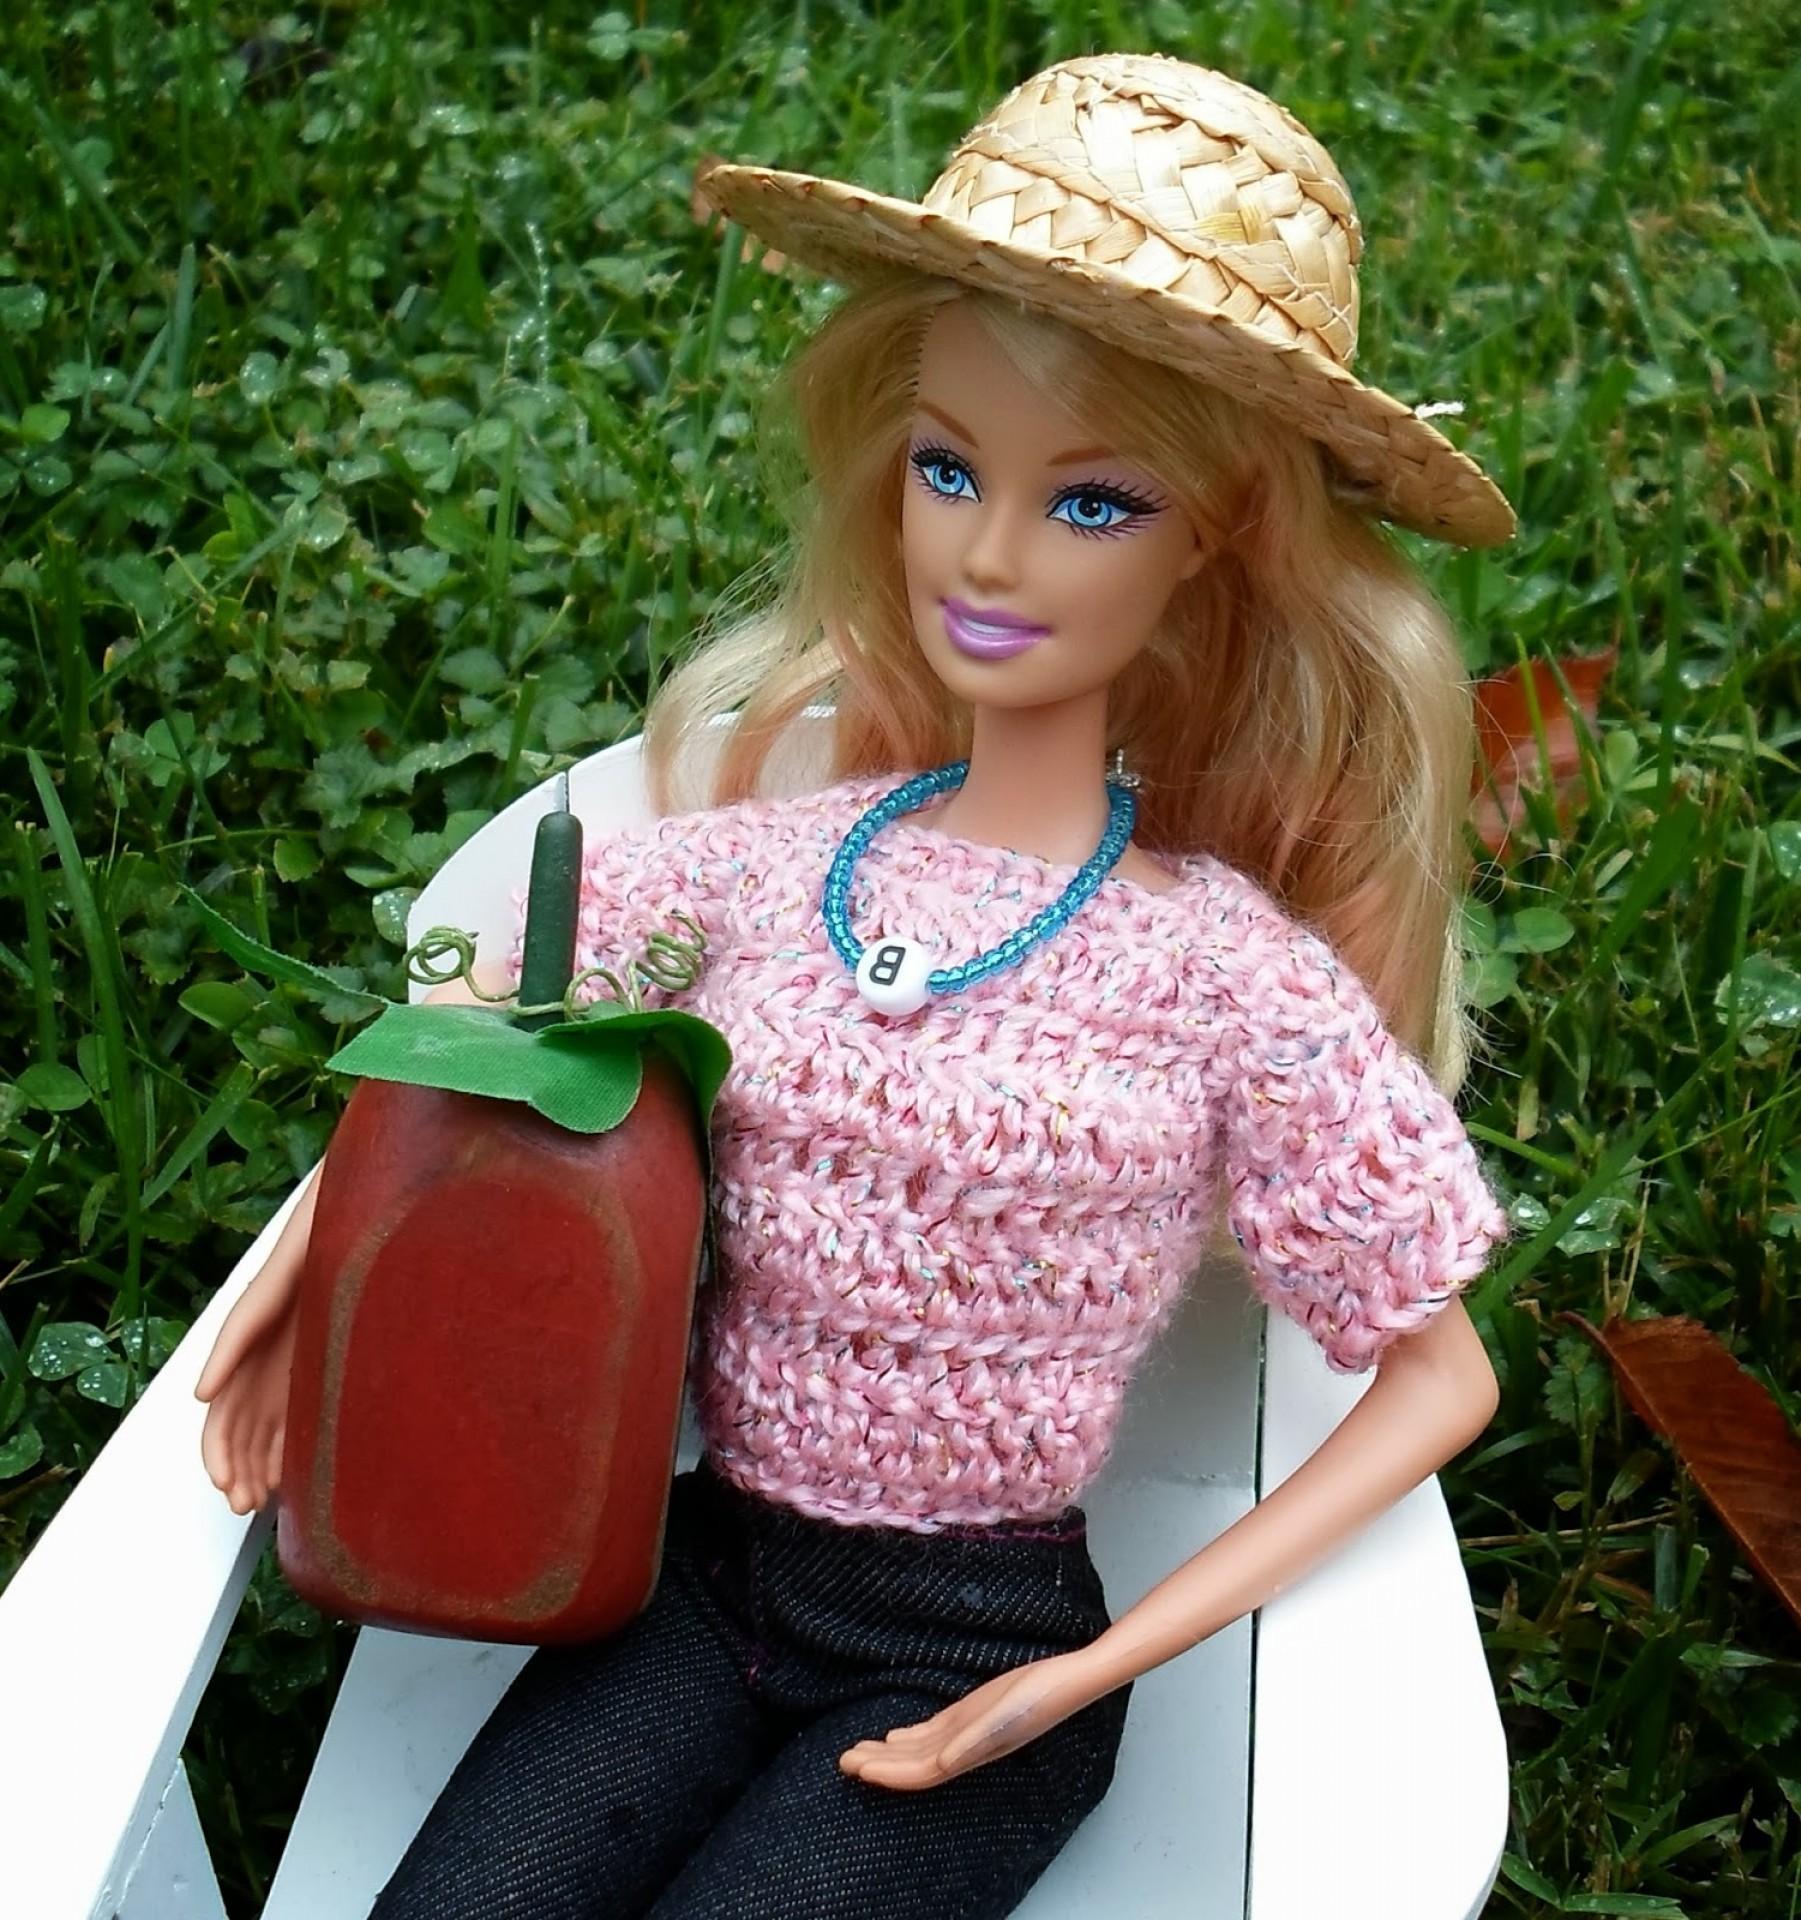 Res: 1801x1920, Fall 2013 Barbie Dolls: Latest Barbie Doll Wallpapers Beautiful Barbie Doll  Palyset Barbie Doll Fashion